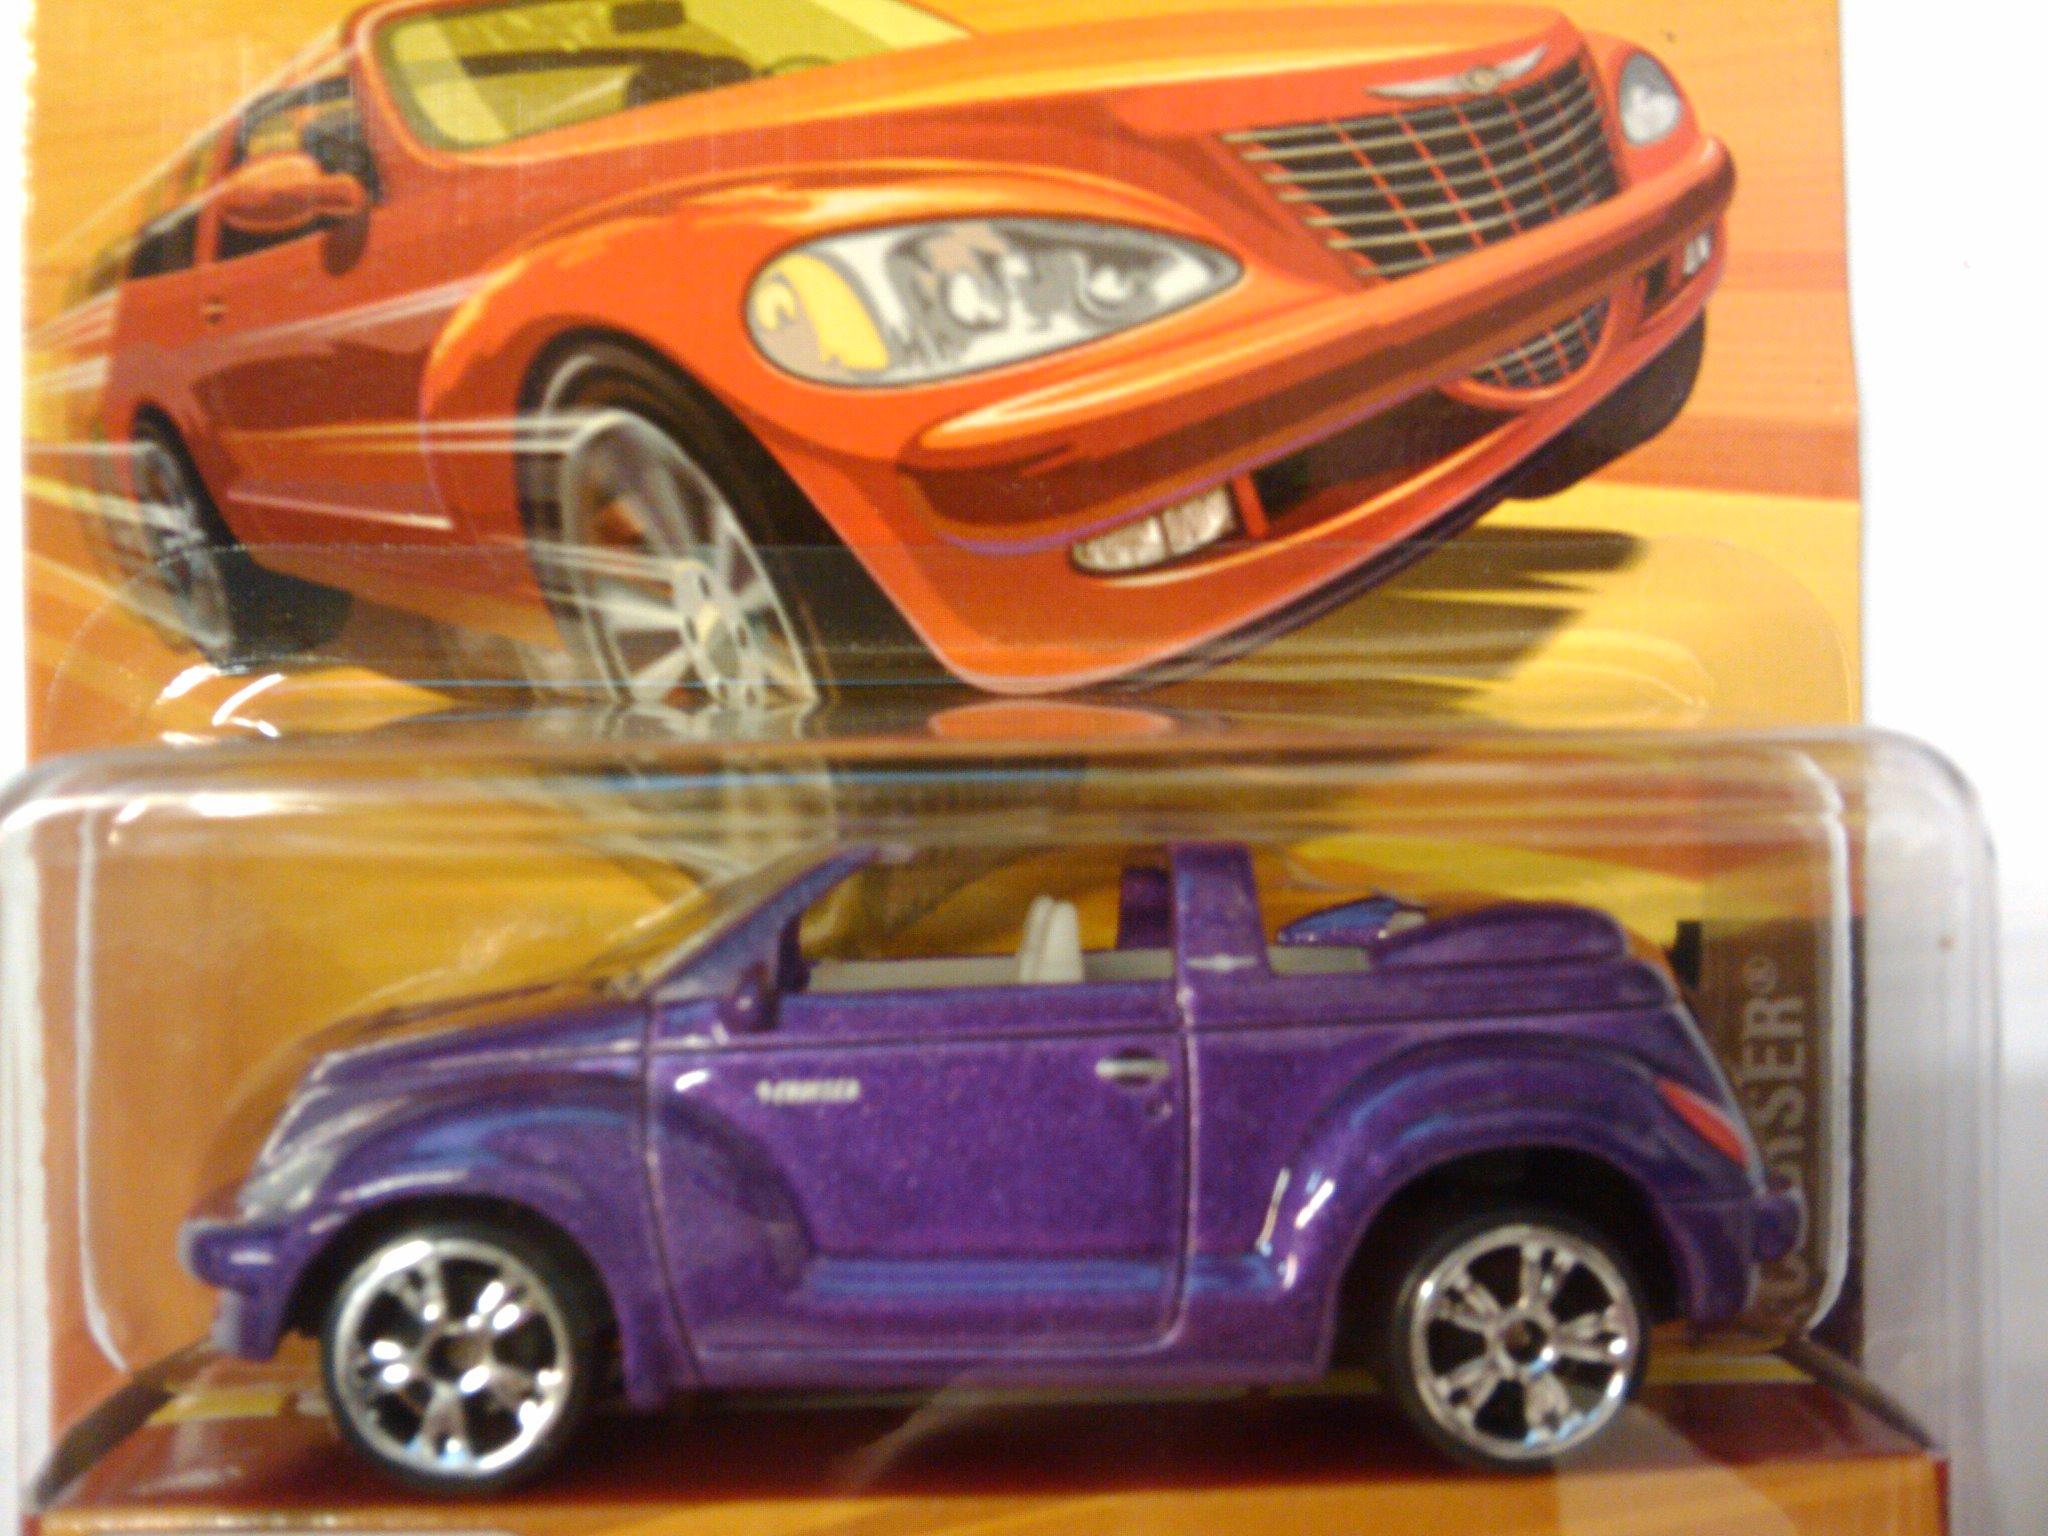 Superfast Chrysler Pt Cruiser on 2002 Chrysler Pt Cruiser Purple